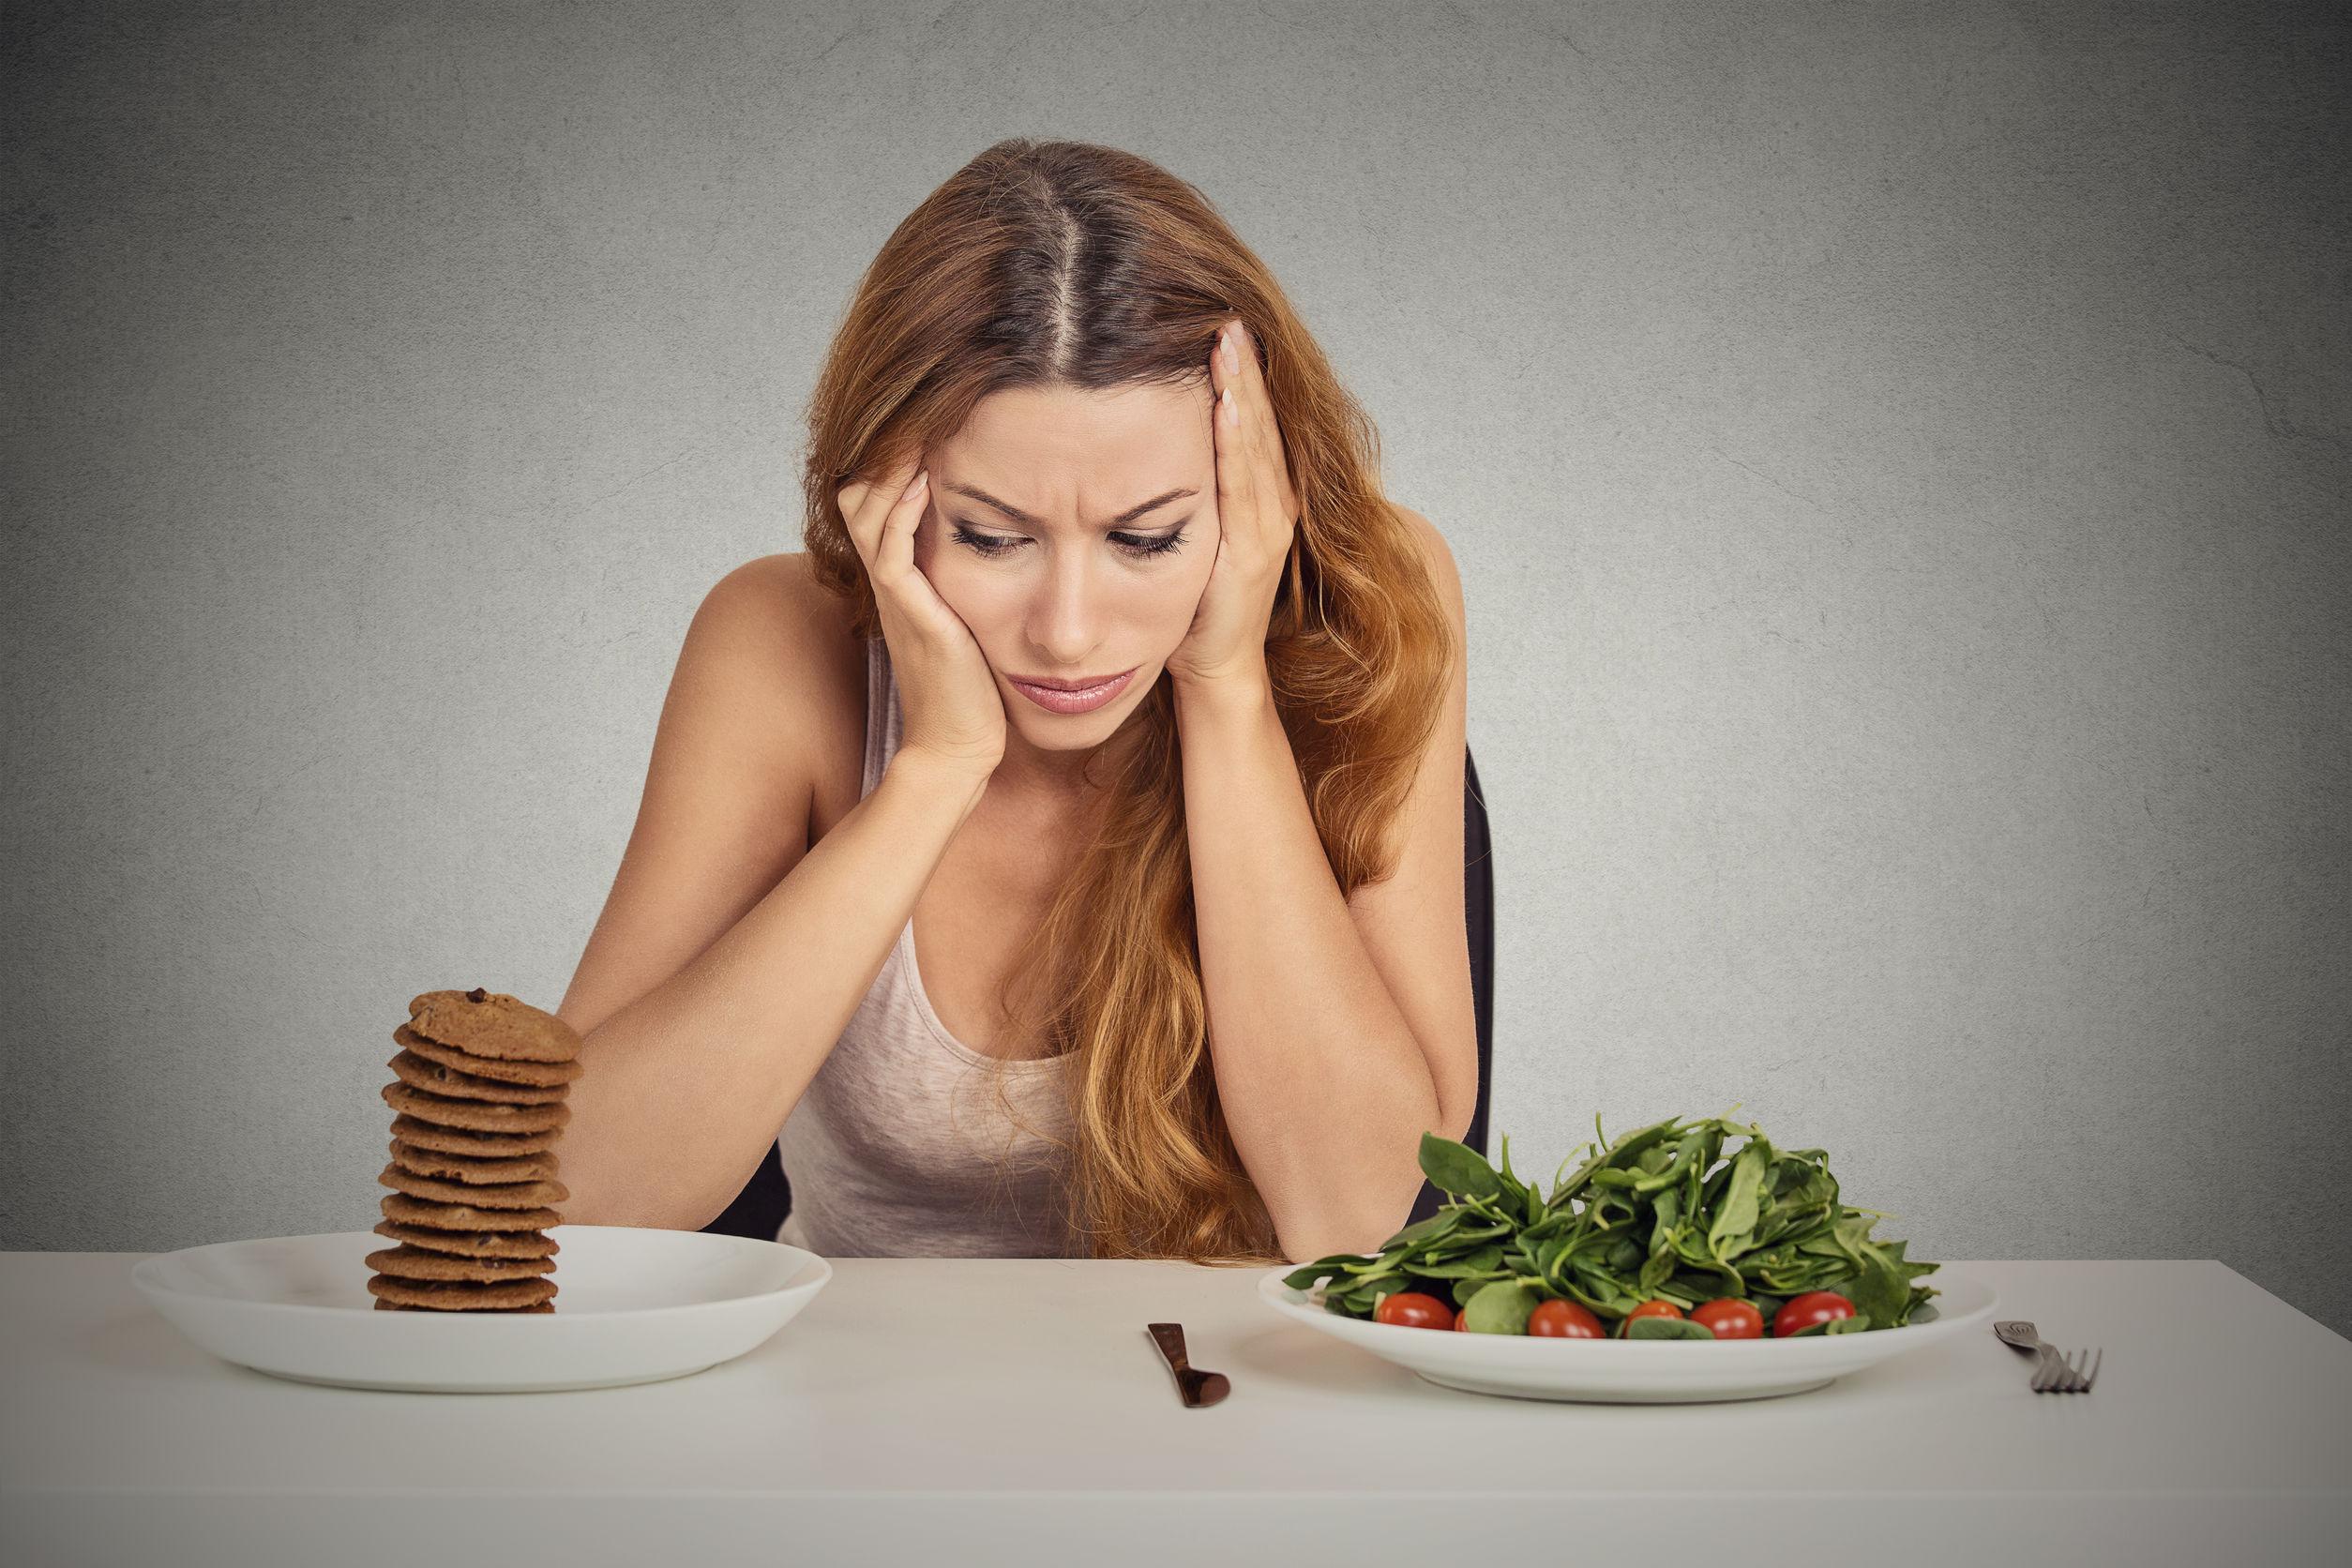 Диета похудения без проблем